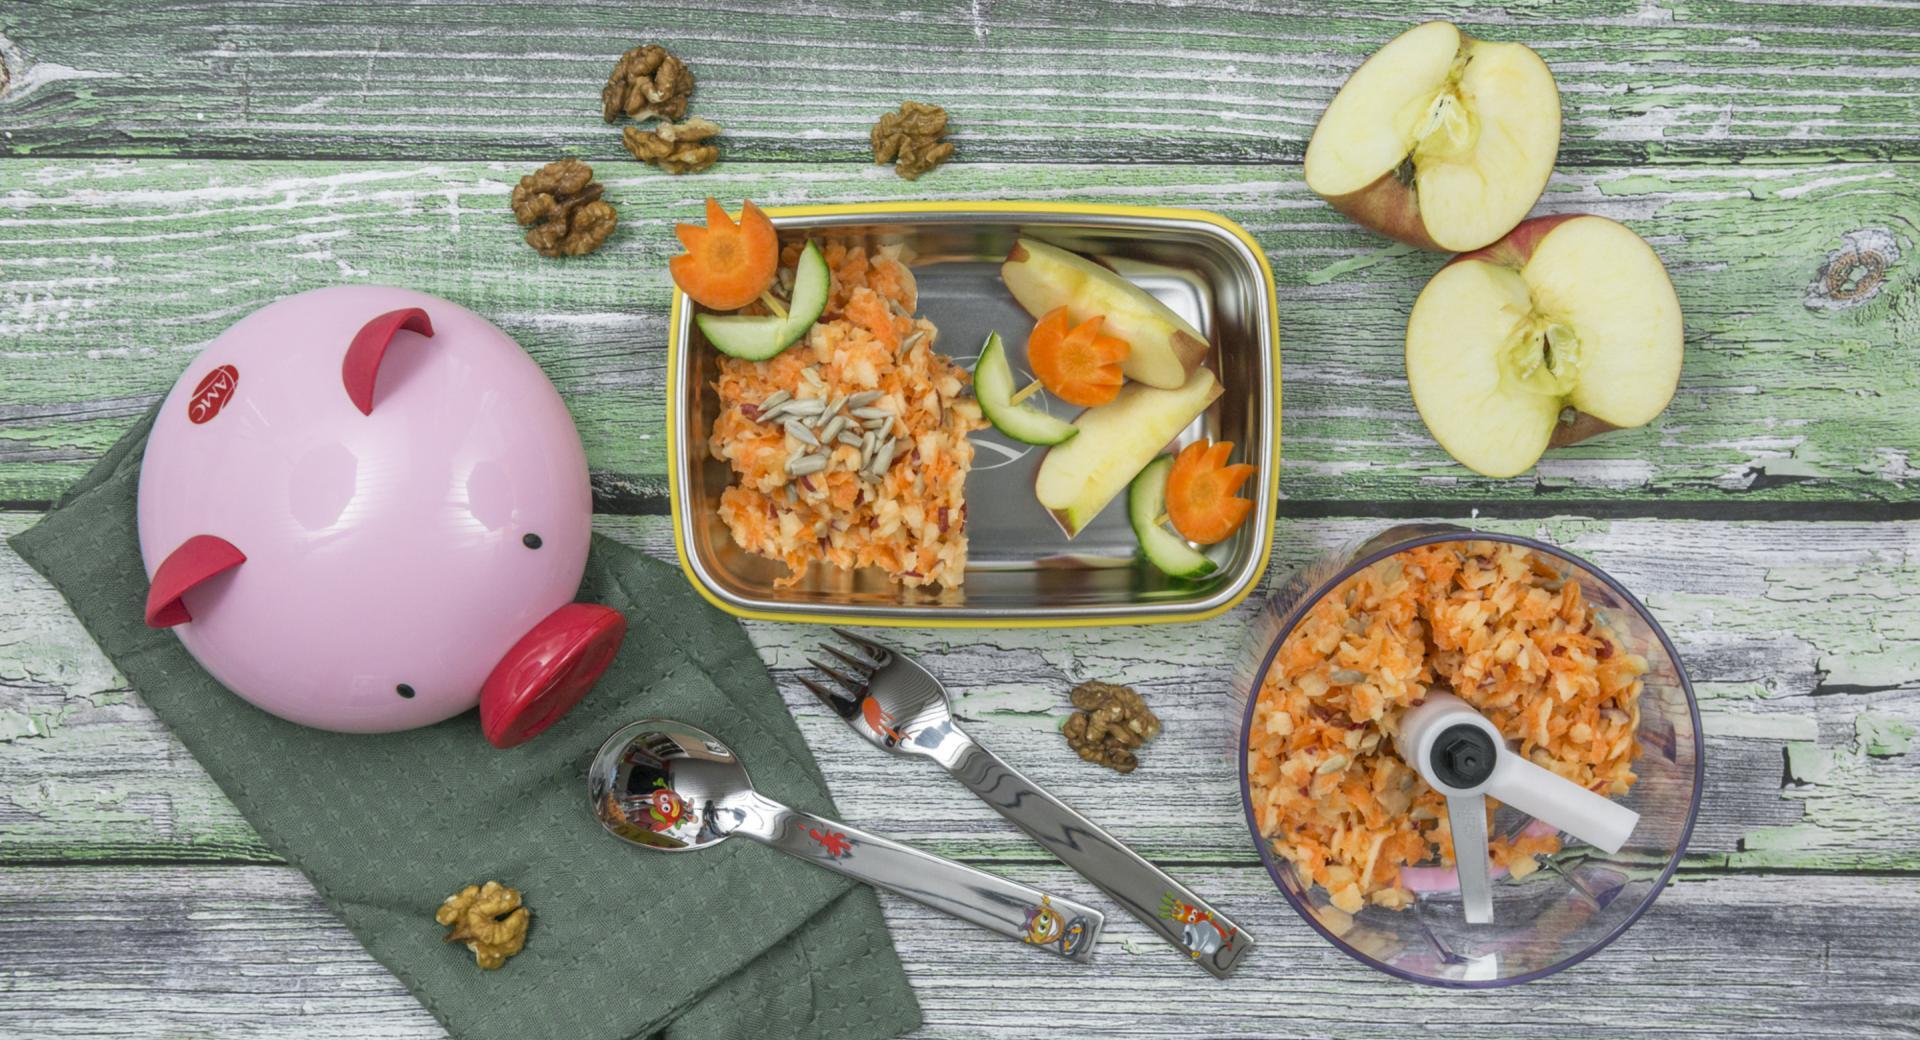 Ensalada De Manzana De Zanahoria Infantil Descubre con nosotros por qué son tan saludables. la comunidad de recetas amc